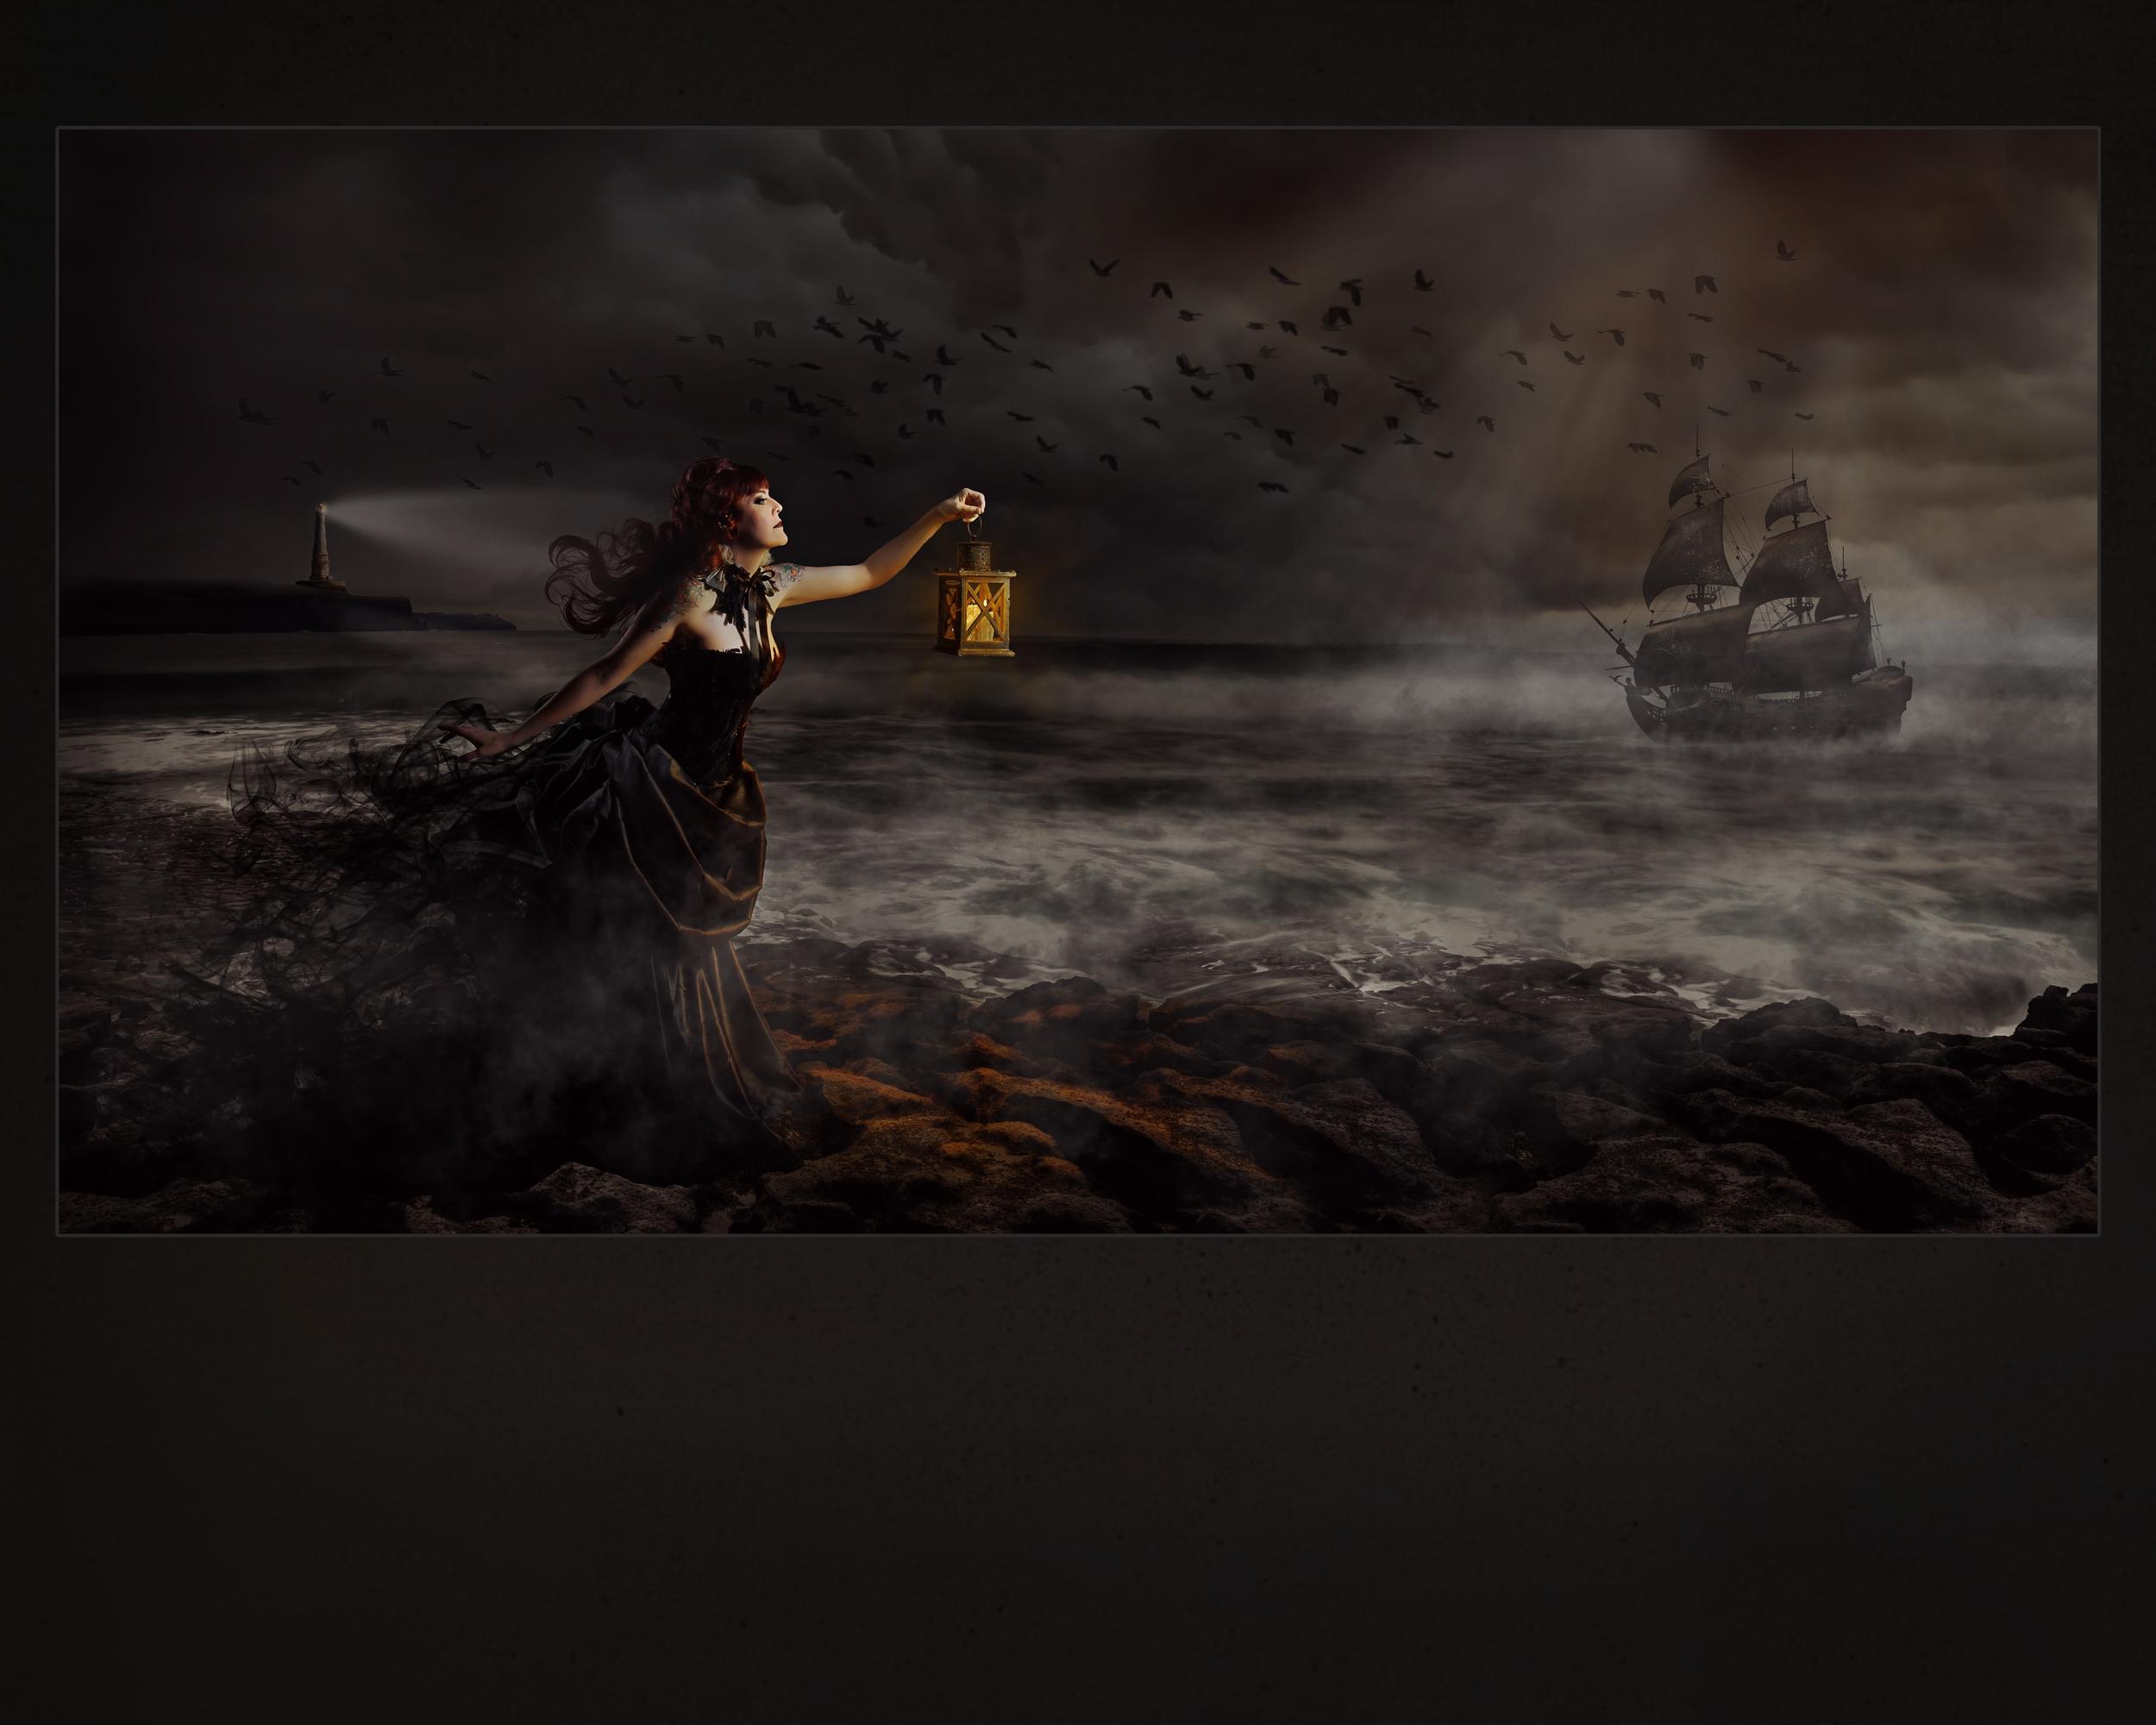 The Raven by Melinda Reddehase